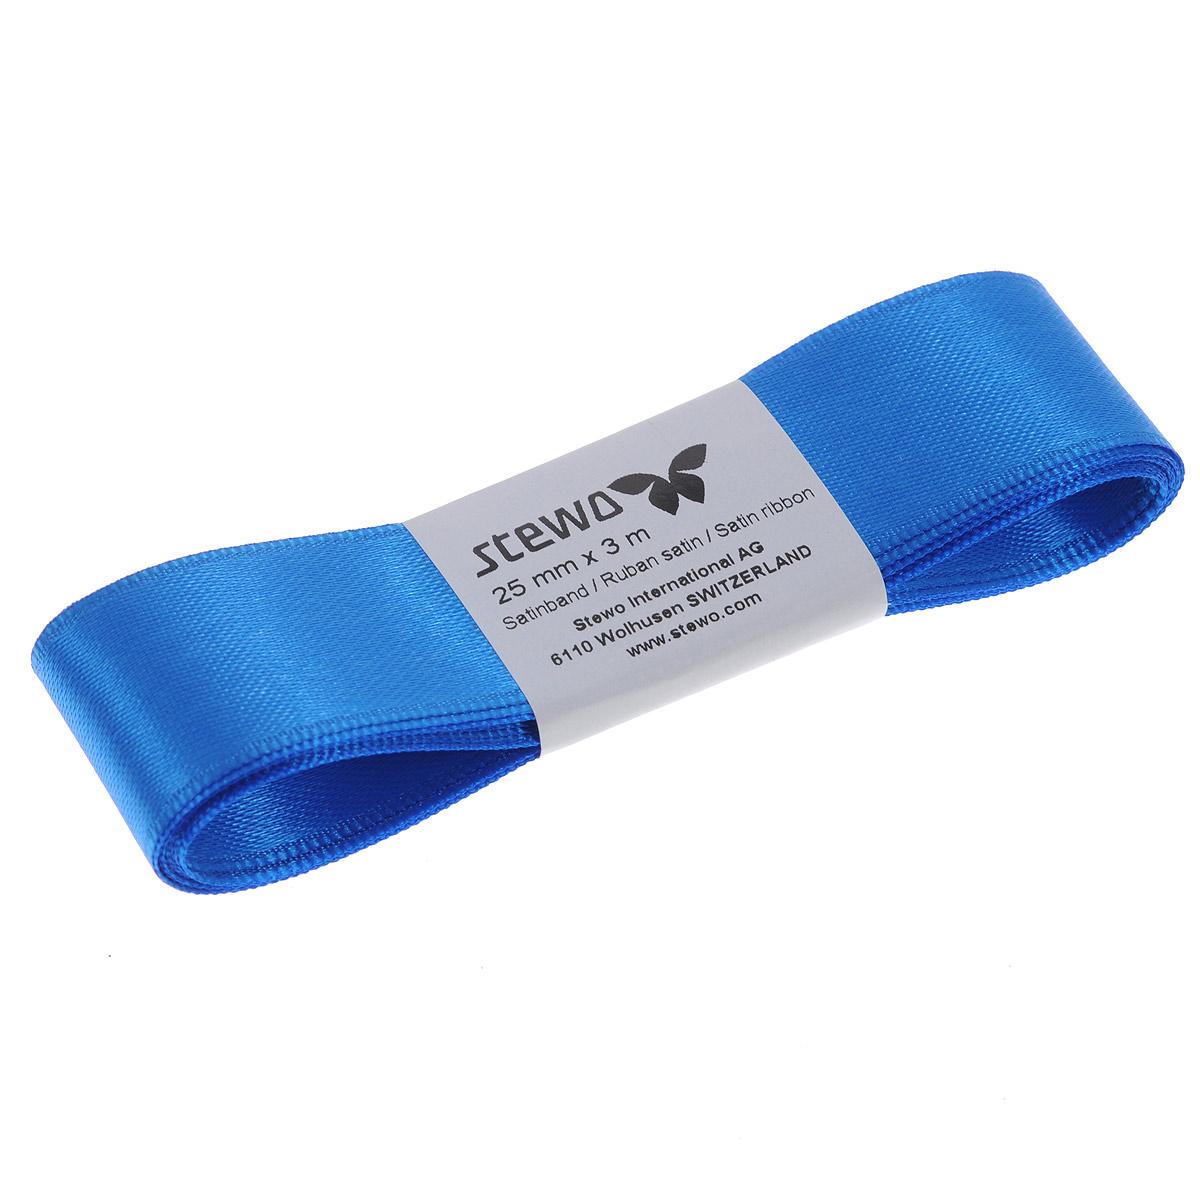 Лента атласная Brunnen, цвет: синий, ширина 2,5 см, длина 3 м834127-42\STWЛента Brunnen изготовлена из атласа. Область применения атласной ленты весьма широка. Лента предназначена для оформления цветочных букетов, подарочных коробок, пакетов. Кроме того, она с успехом применяется для художественного оформления витрин, праздничного оформления помещений, изготовления искусственных цветов. Ее также можно использовать для творчества в различных техниках, таких как скрапбукинг, оформление аппликаций, для украшения фотоальбомов, подарков, конвертов, фоторамок, открыток и т.д.Ширина ленты: 2,5 см.Длина ленты: 3 м.